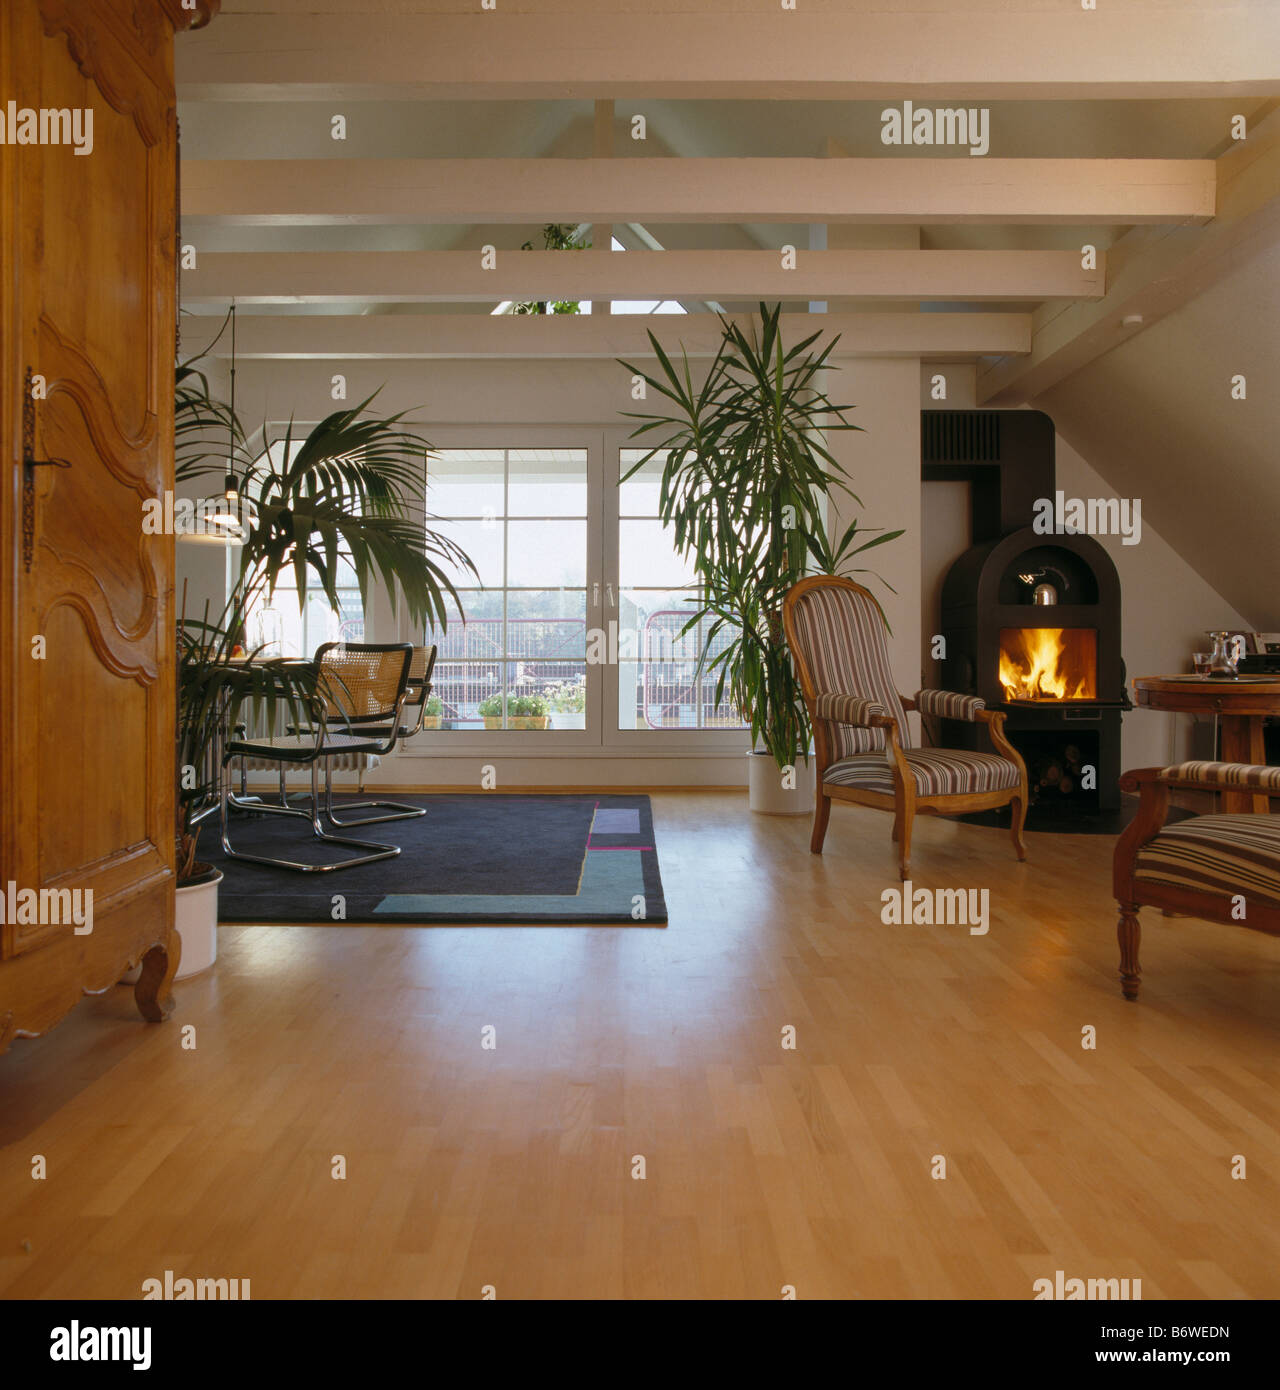 schwarzen gusseisen ofen mit angez ndeten feuer in moderne offene wohnzimmer mit hohen. Black Bedroom Furniture Sets. Home Design Ideas